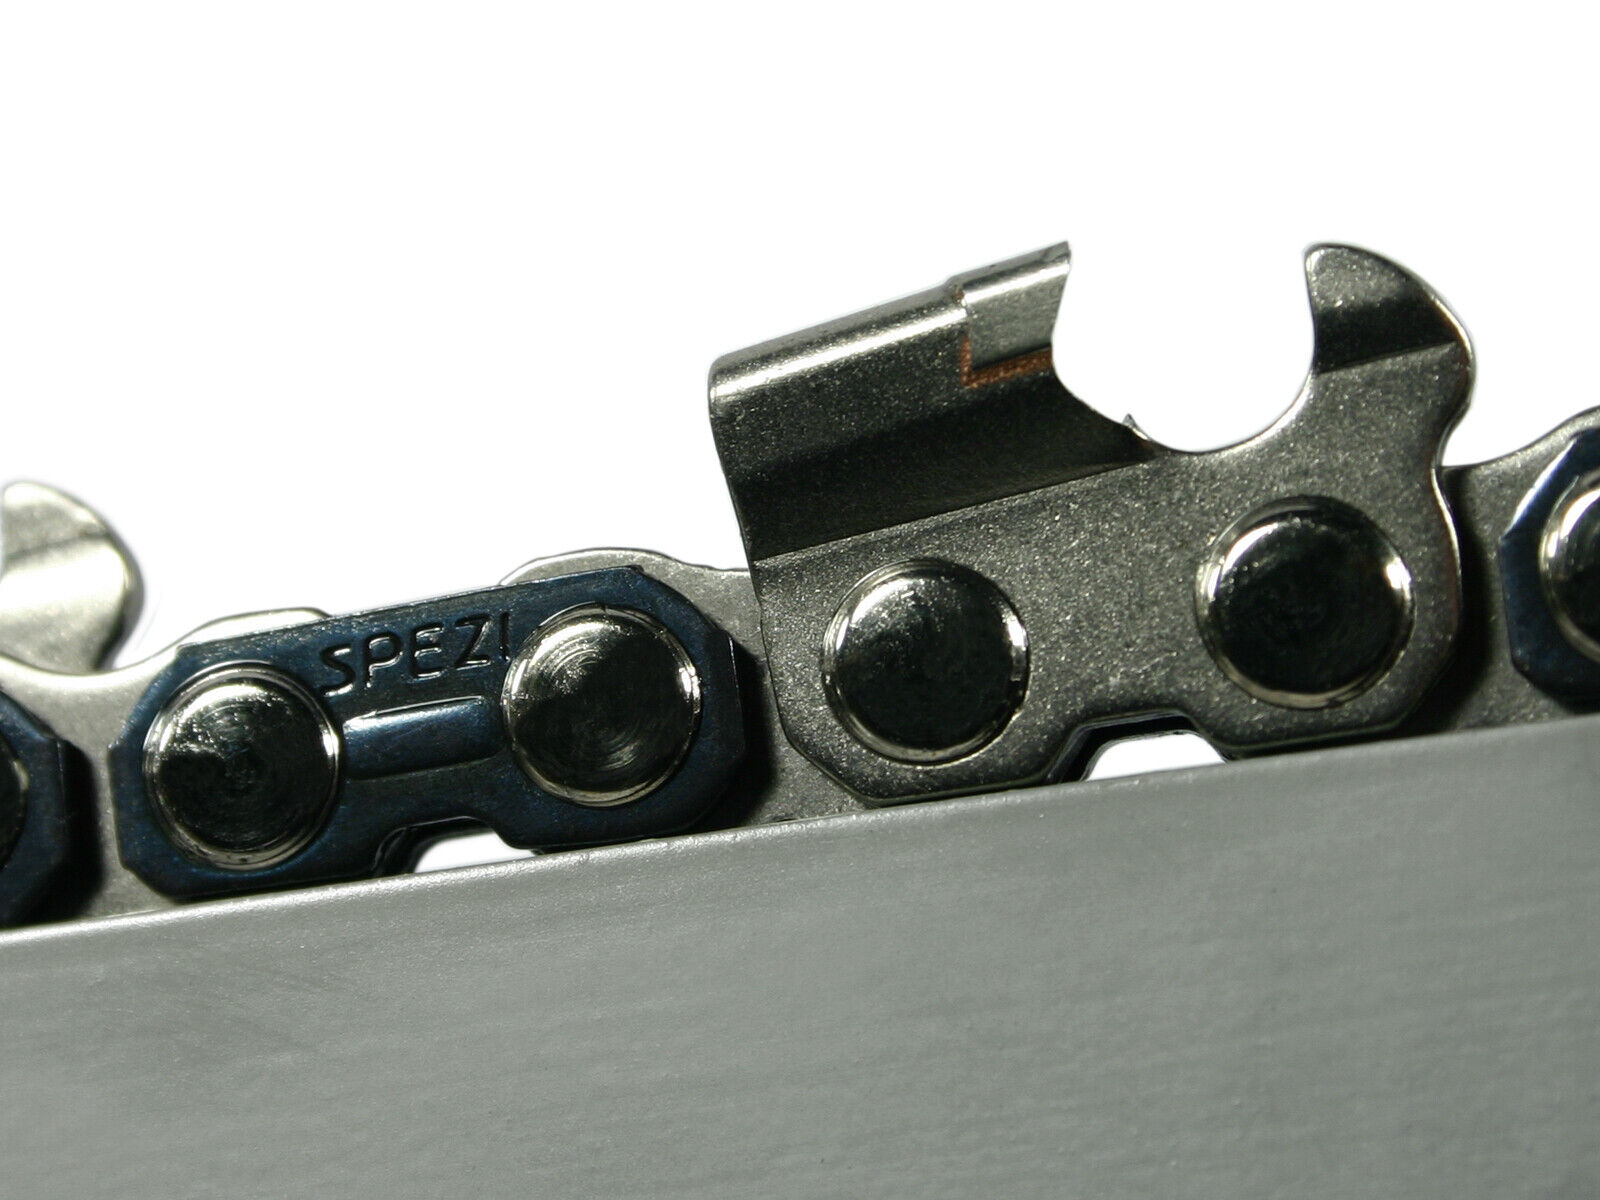 Hartmetall Sägekette passend für Husqvarna 371 55 cm 3 8  76 TG 1,5 mm carbide